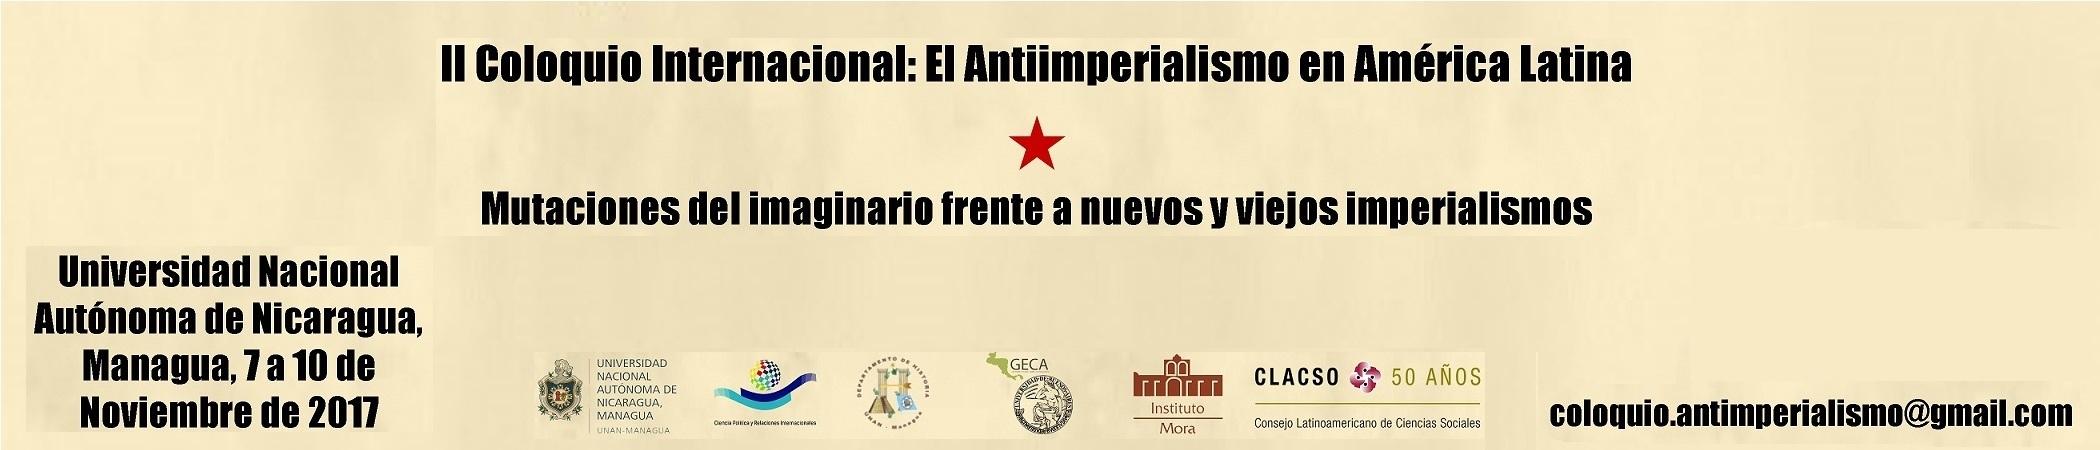 II Coloquio Internacional: El Antiimperialismo en América Latina